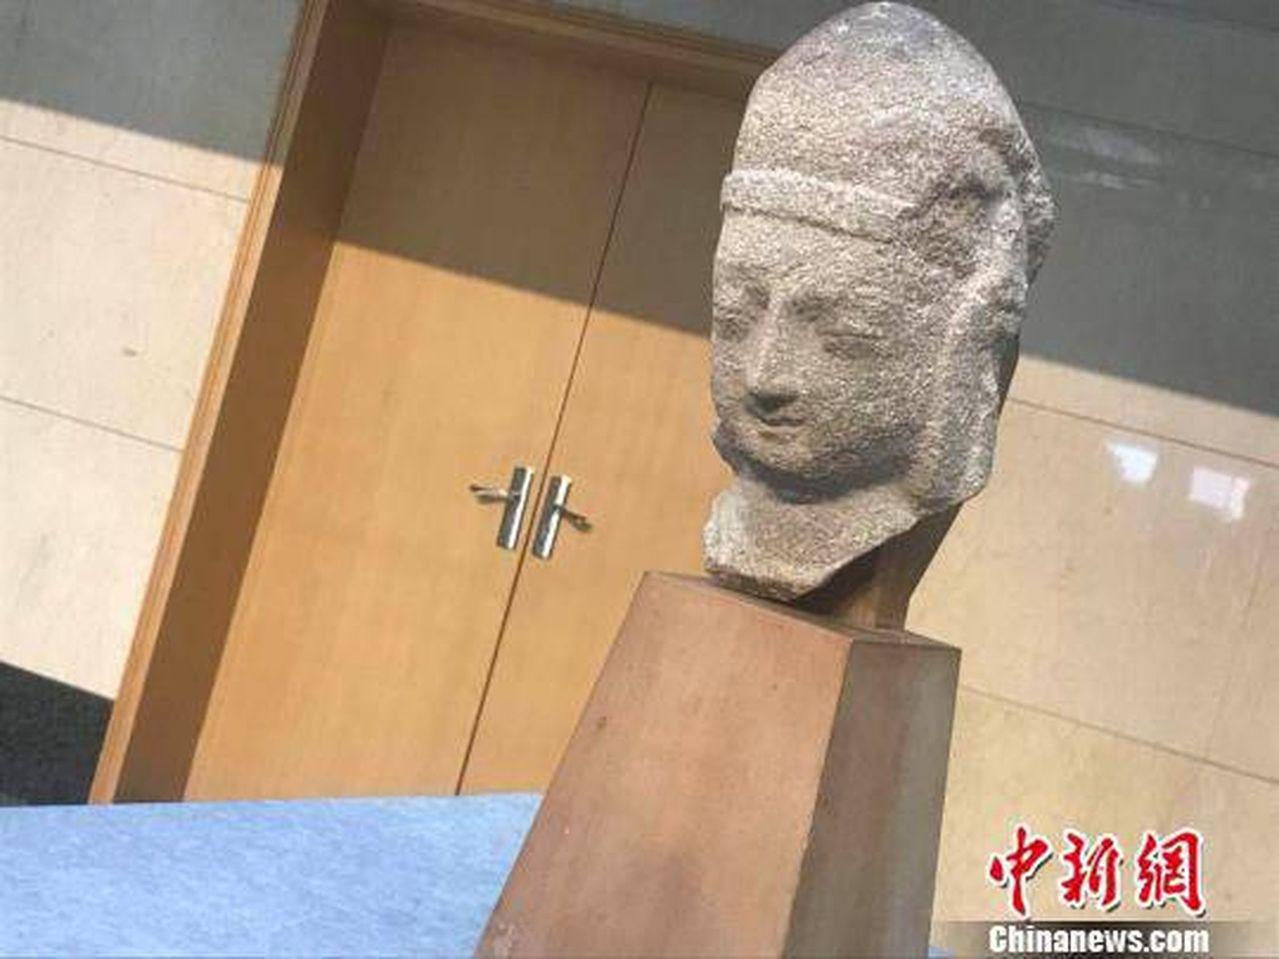 美國華裔伉儷捐贈北魏佛像歸鄉。 中國新聞網